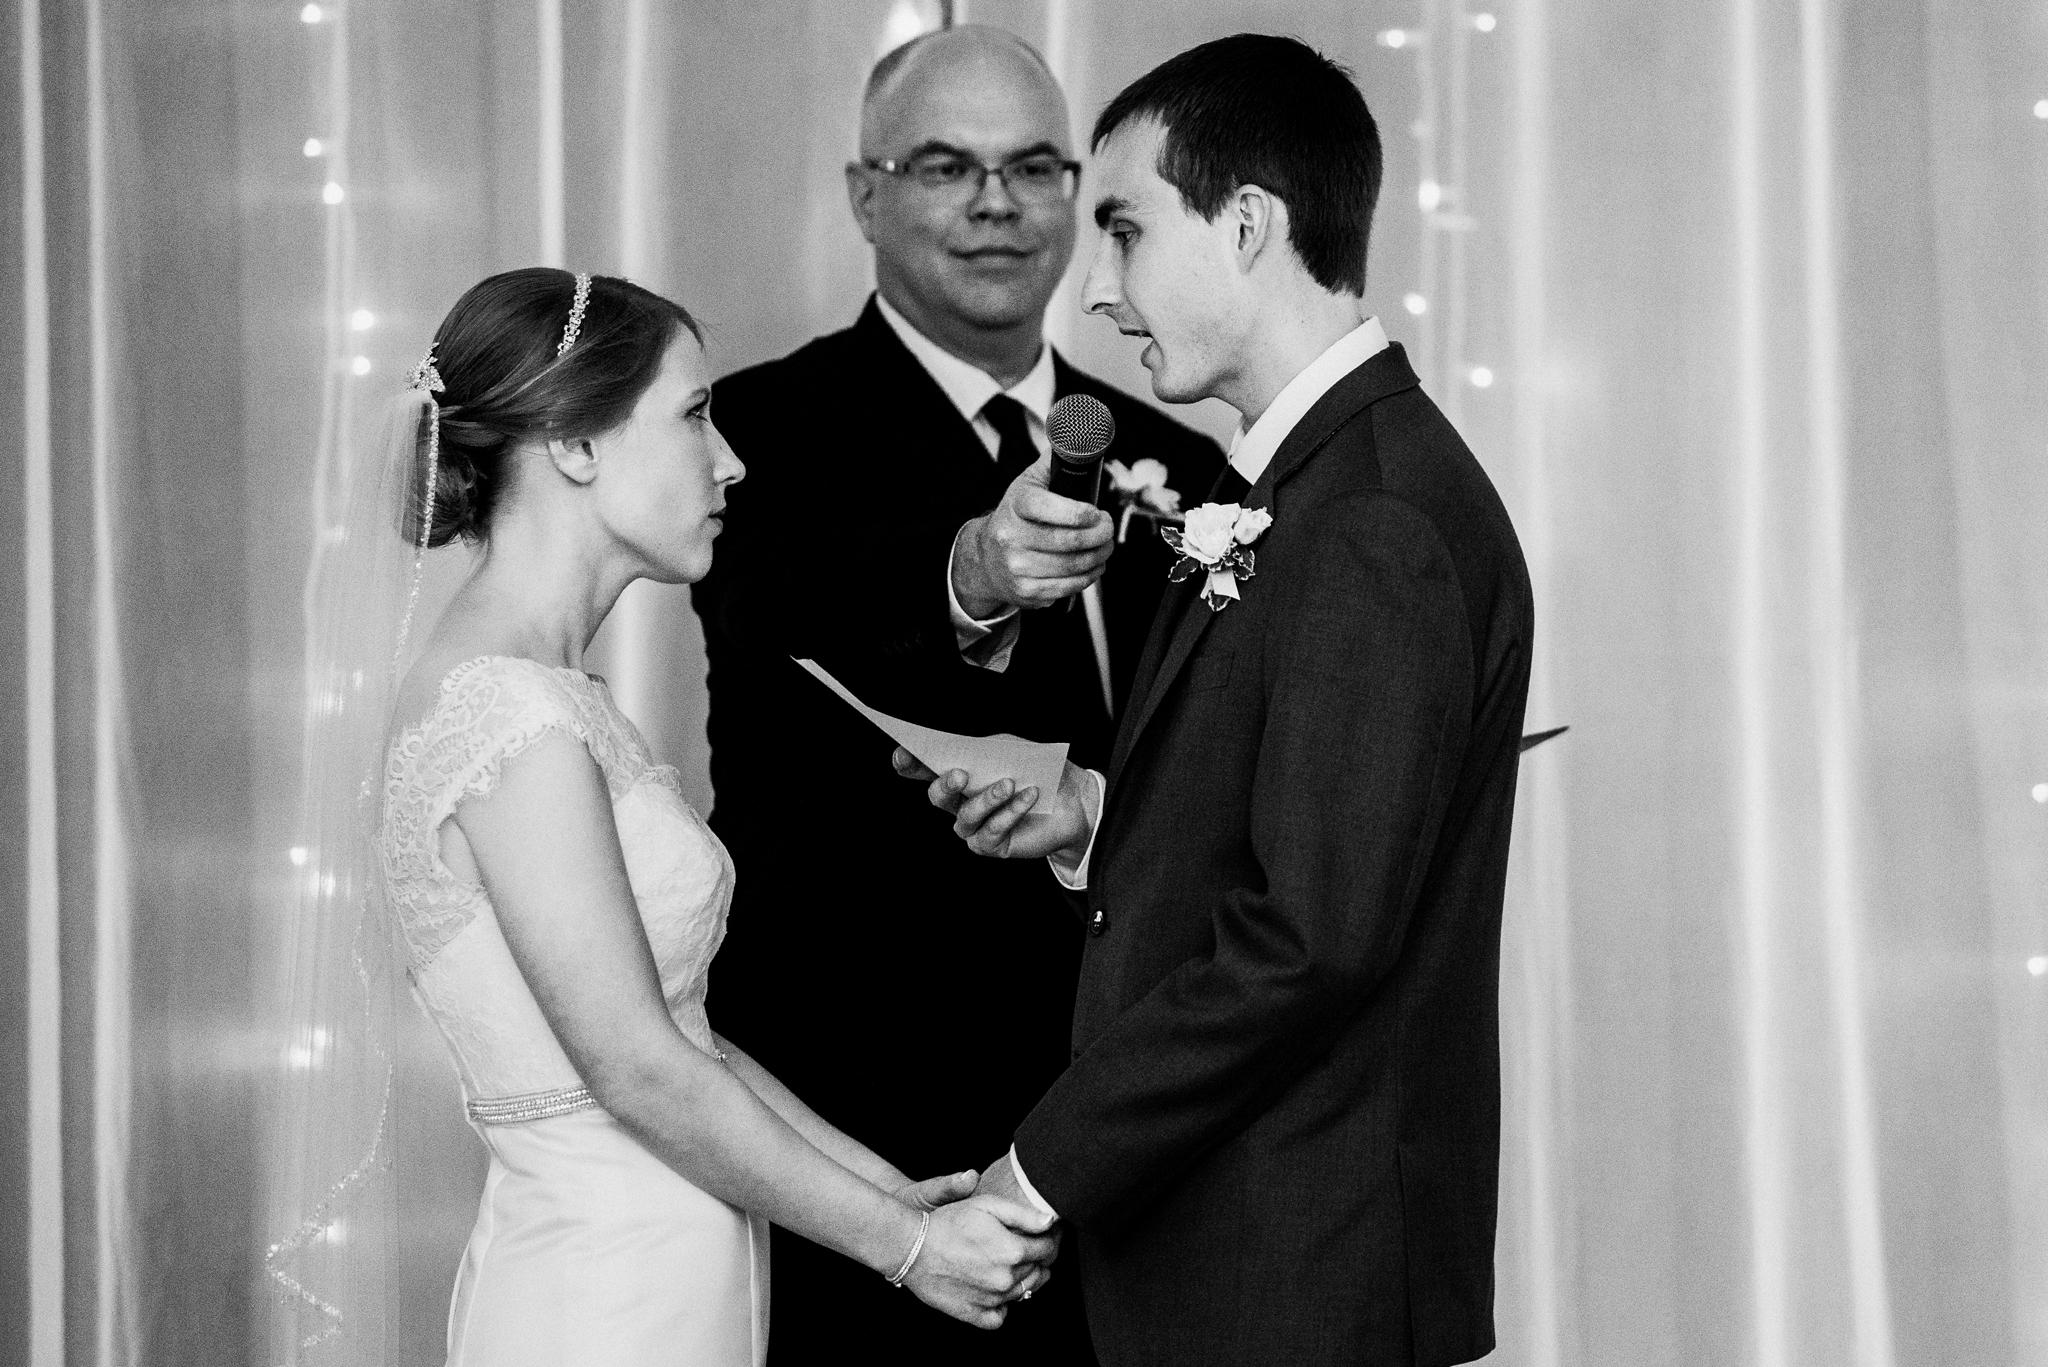 noahs_event_venue_naperville_IL_wedding_photographer_0051.jpg